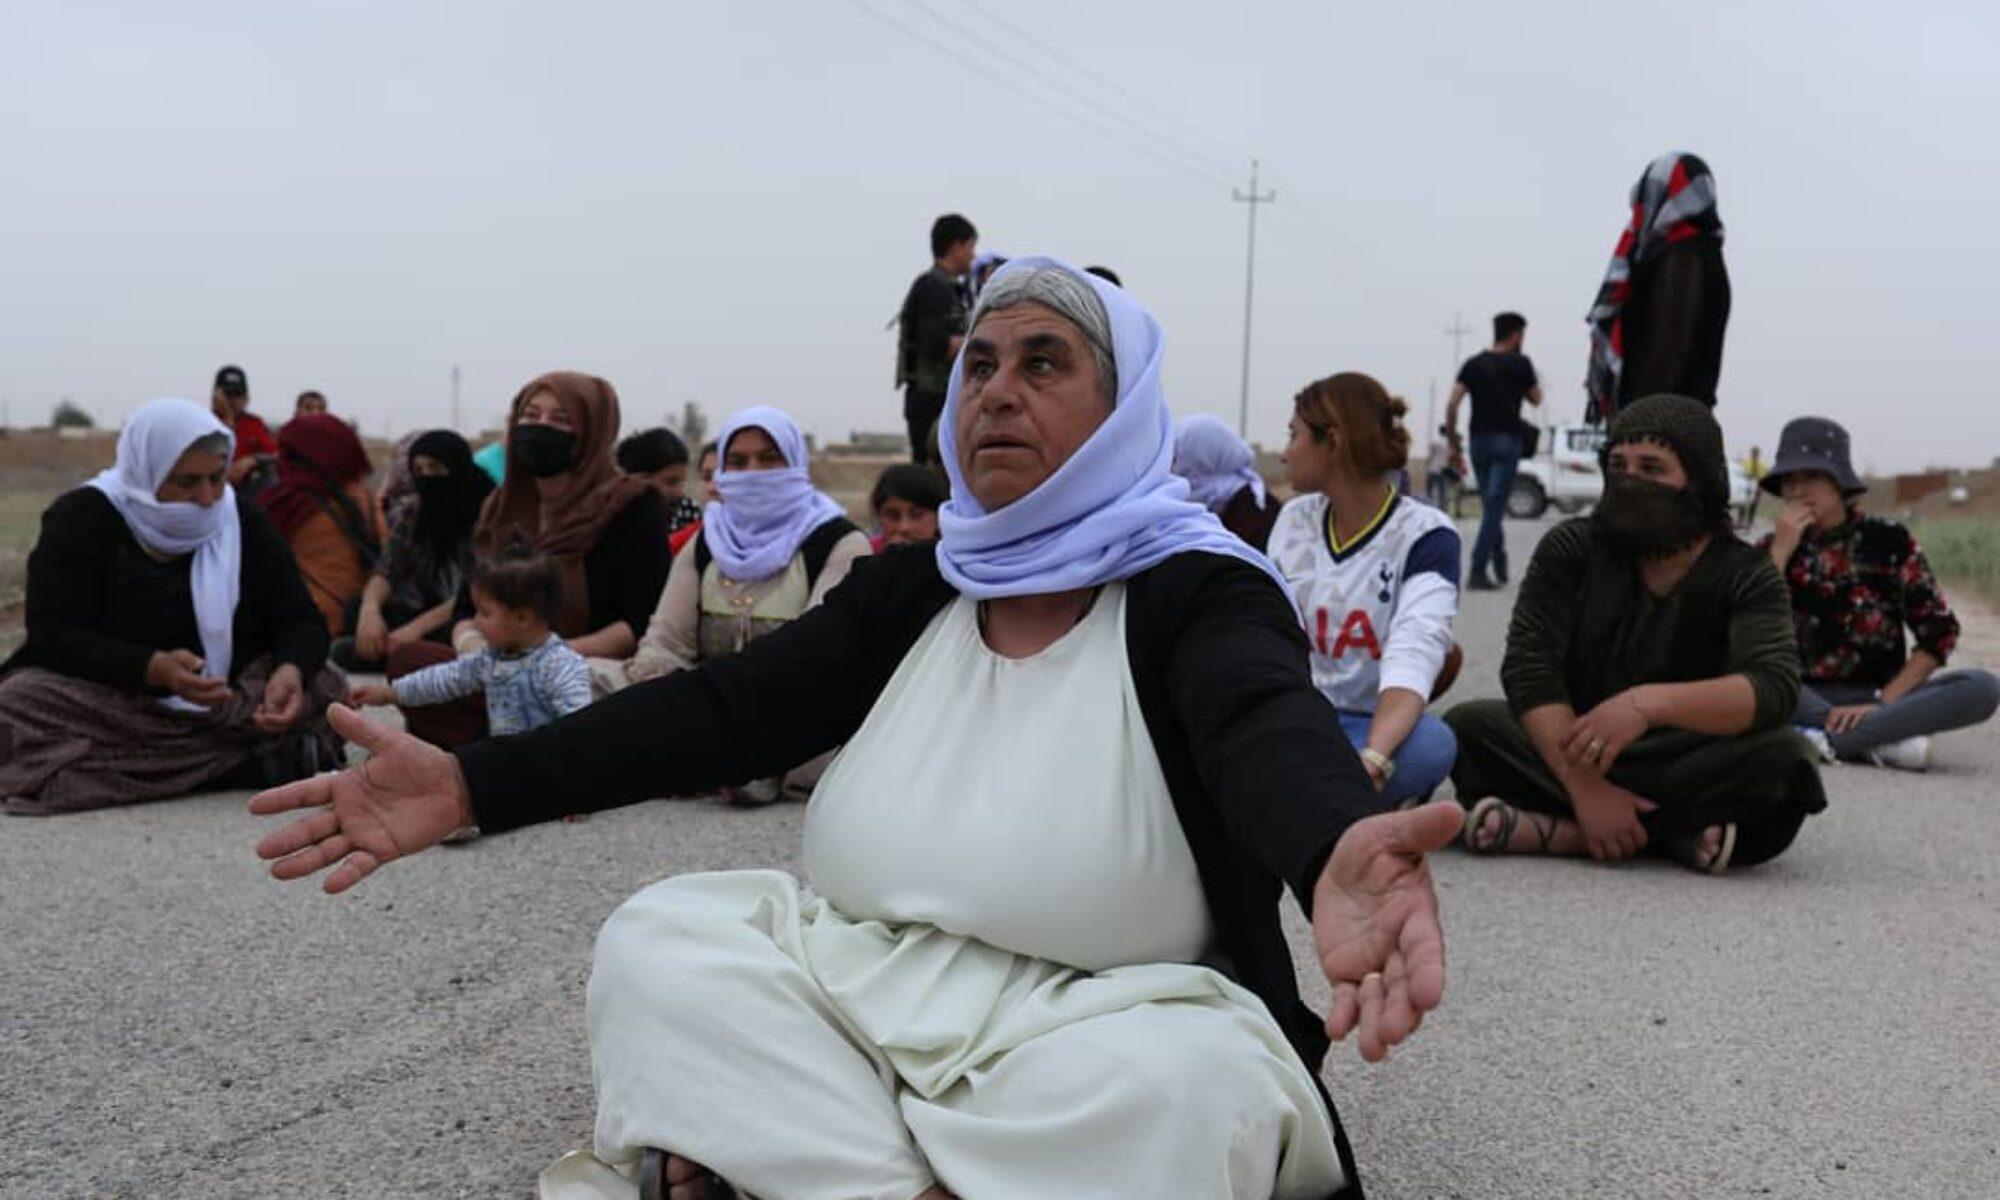 Yollarda nöbet tutan Şengalli kadınlar ve ABD'nin PKK yöneticilerini ihbar edeler için verdiği ödülün zamanlaması Irak, İran, PKK; KCK; Şii Hilal,